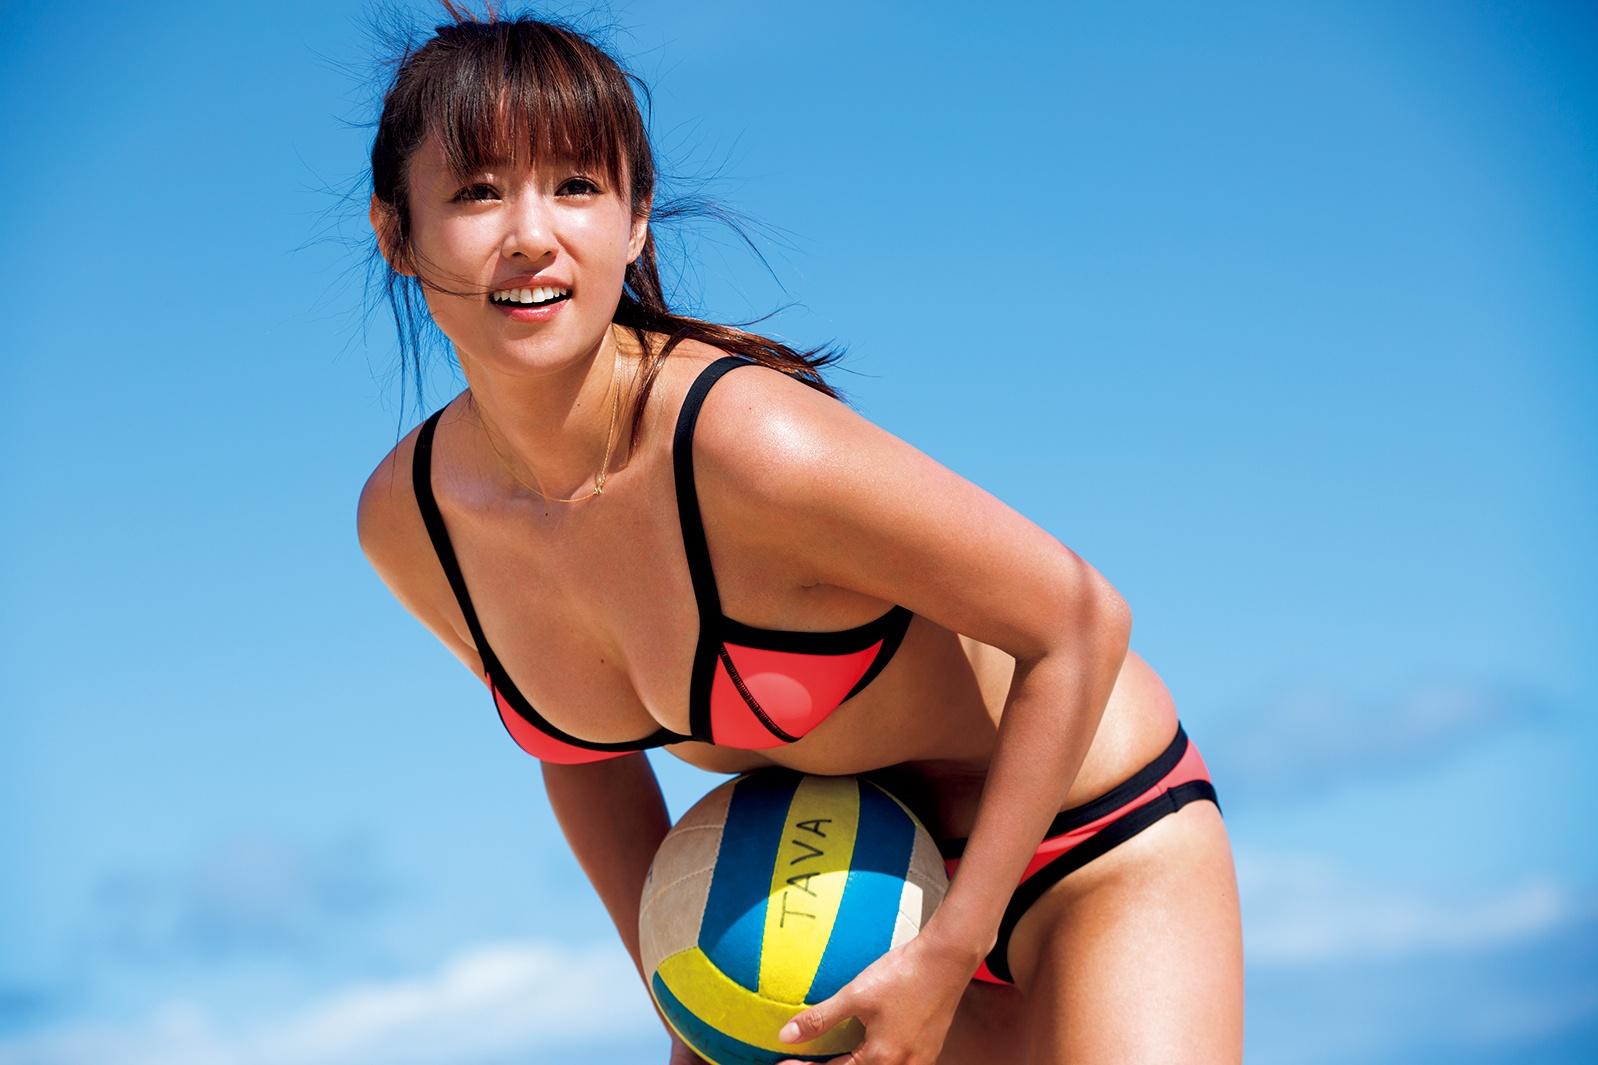 深田恭子 最新写真集で半尻&ハイレグビキニ来たあああぁぁぁ☆☆wwwwwwwwwwww